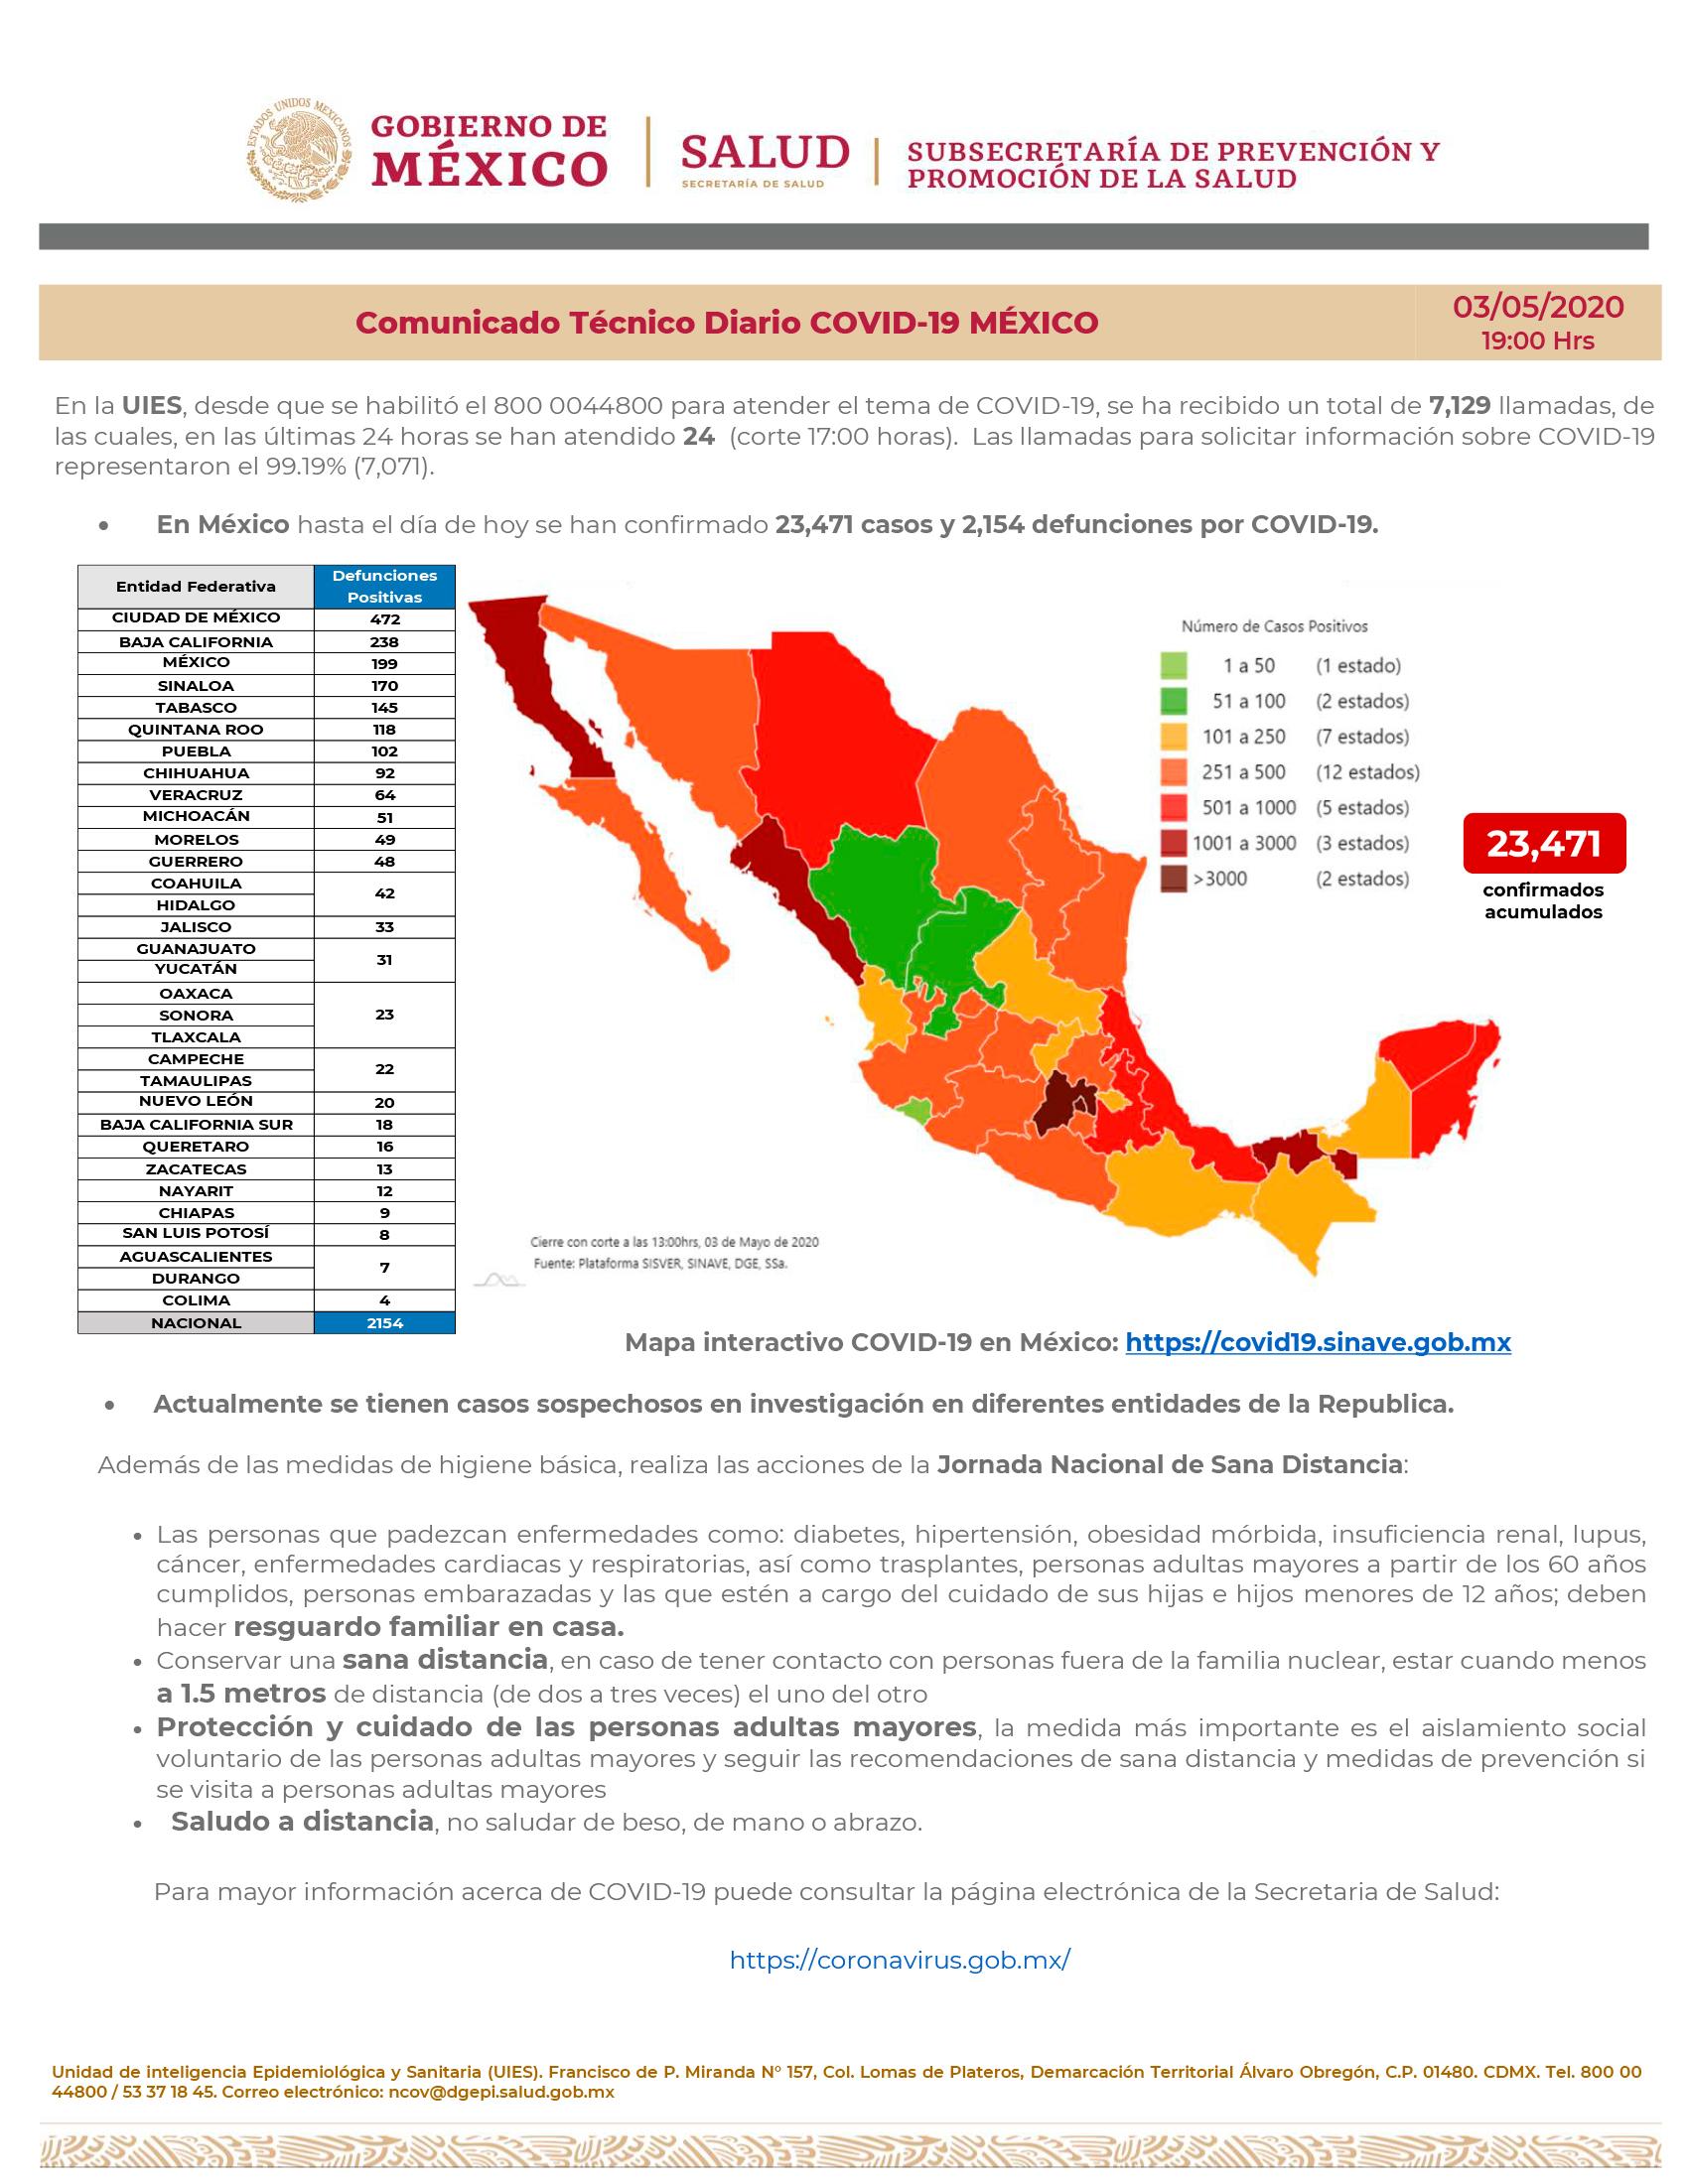 /cms/uploads/image/file/580037/Comunicado_Tecnico_Diario_COVID-19_2020.05.03_1_-2.jpg